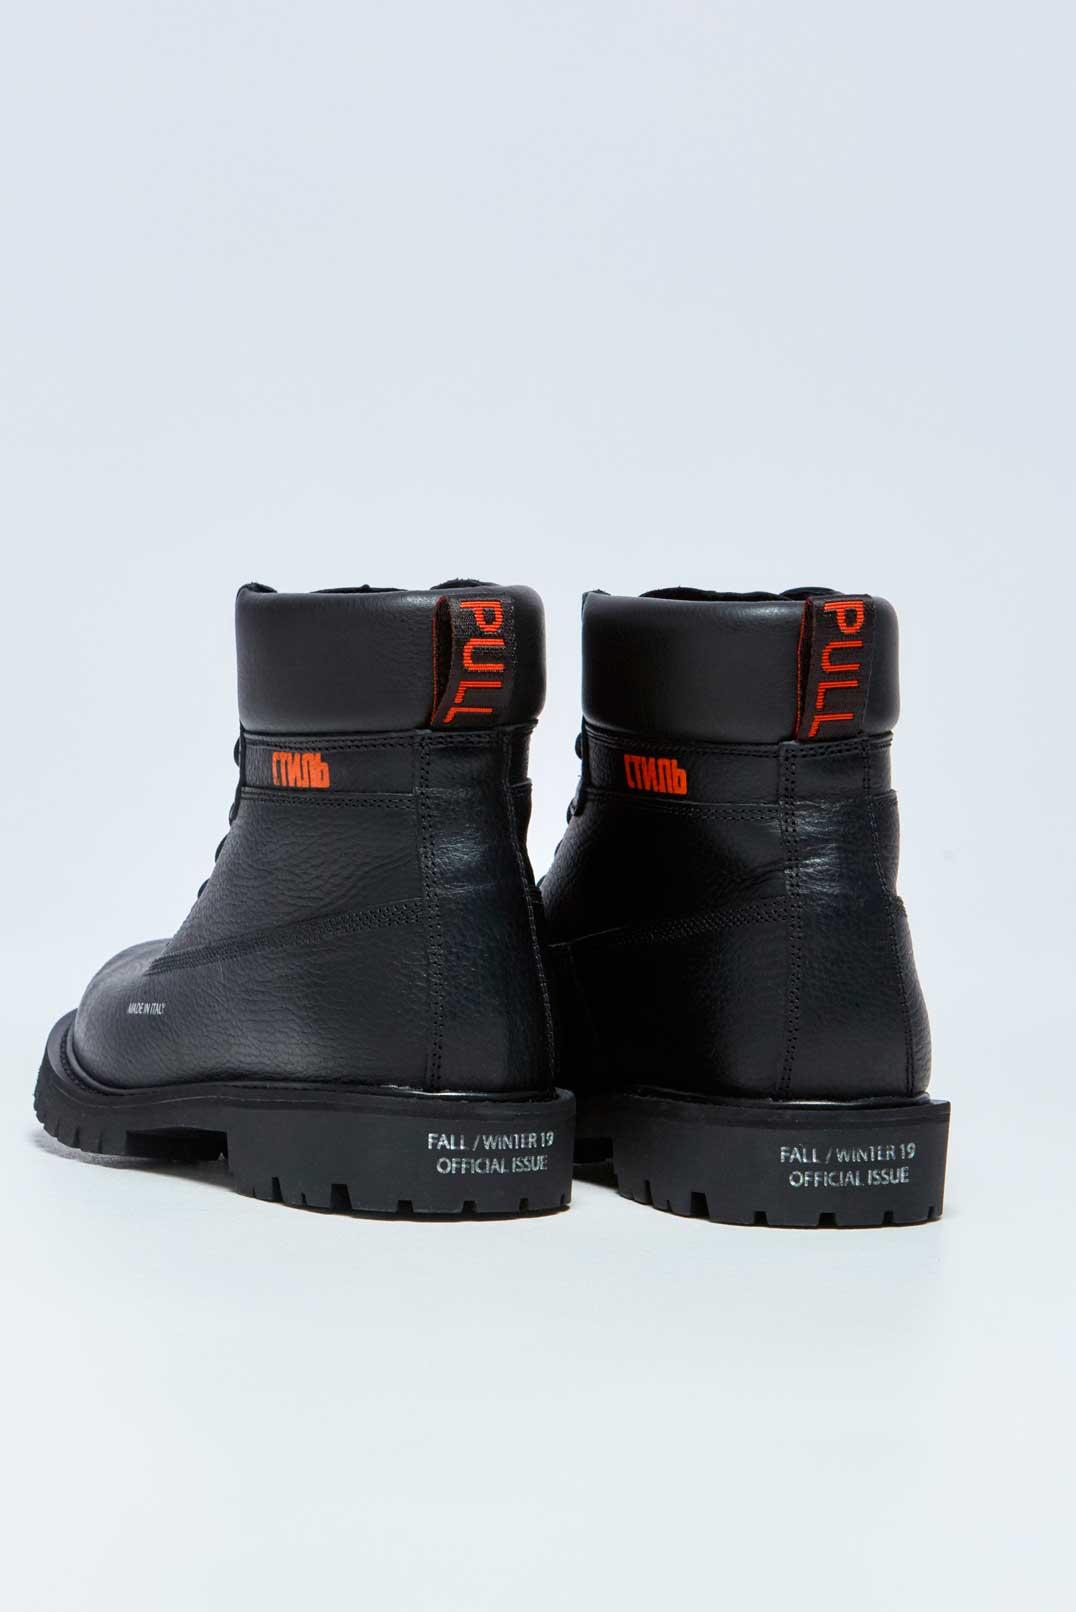 Ботинки HERON PRESTON HPa29008